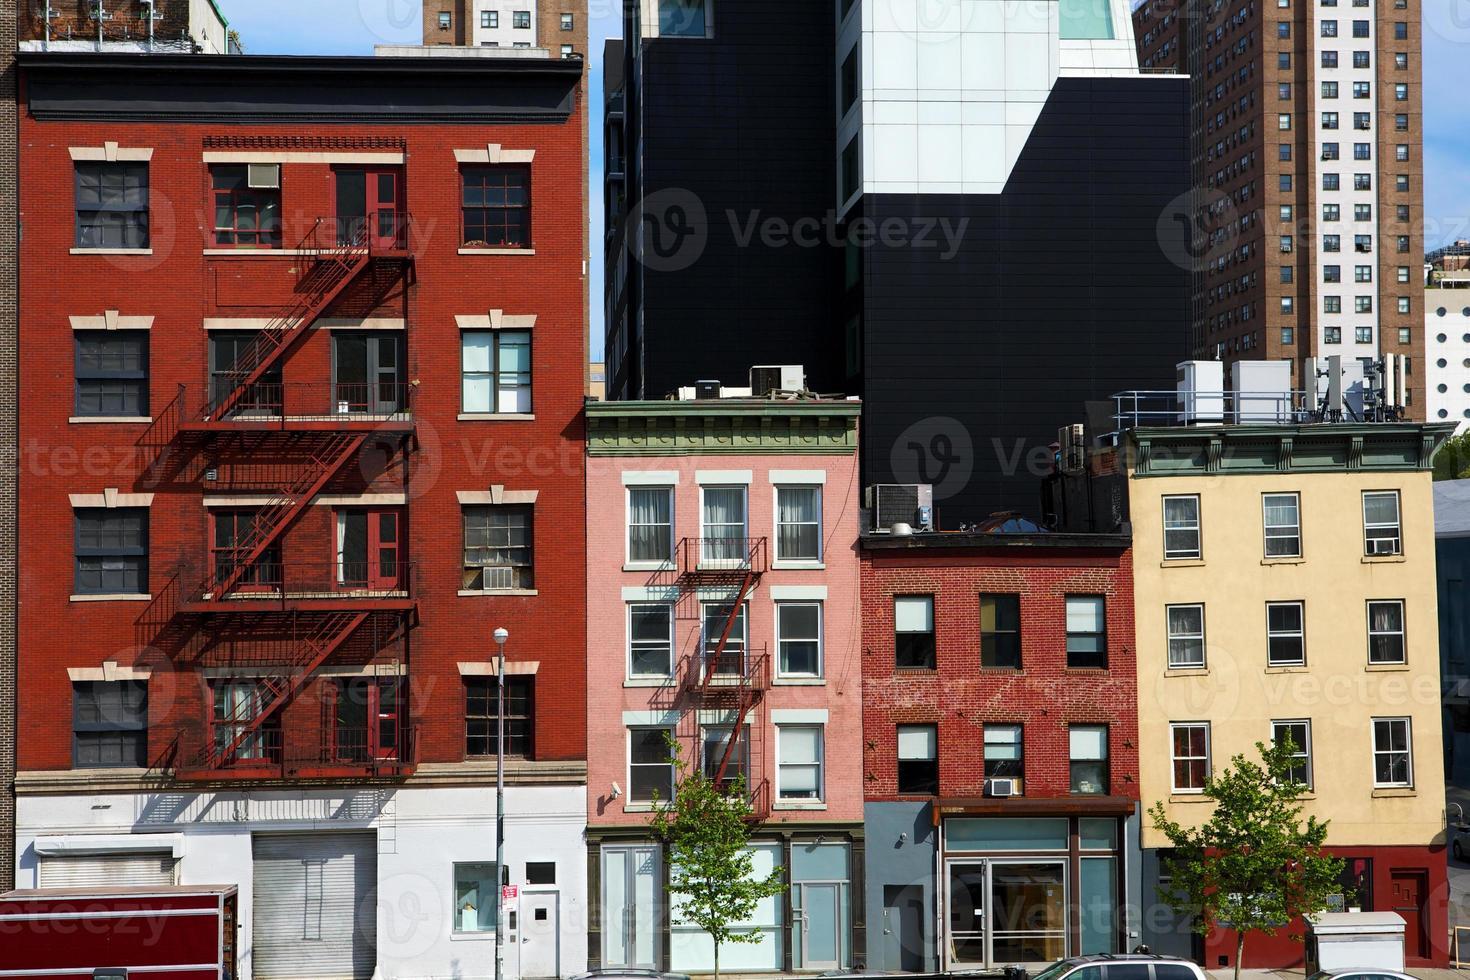 New York City Architektur foto